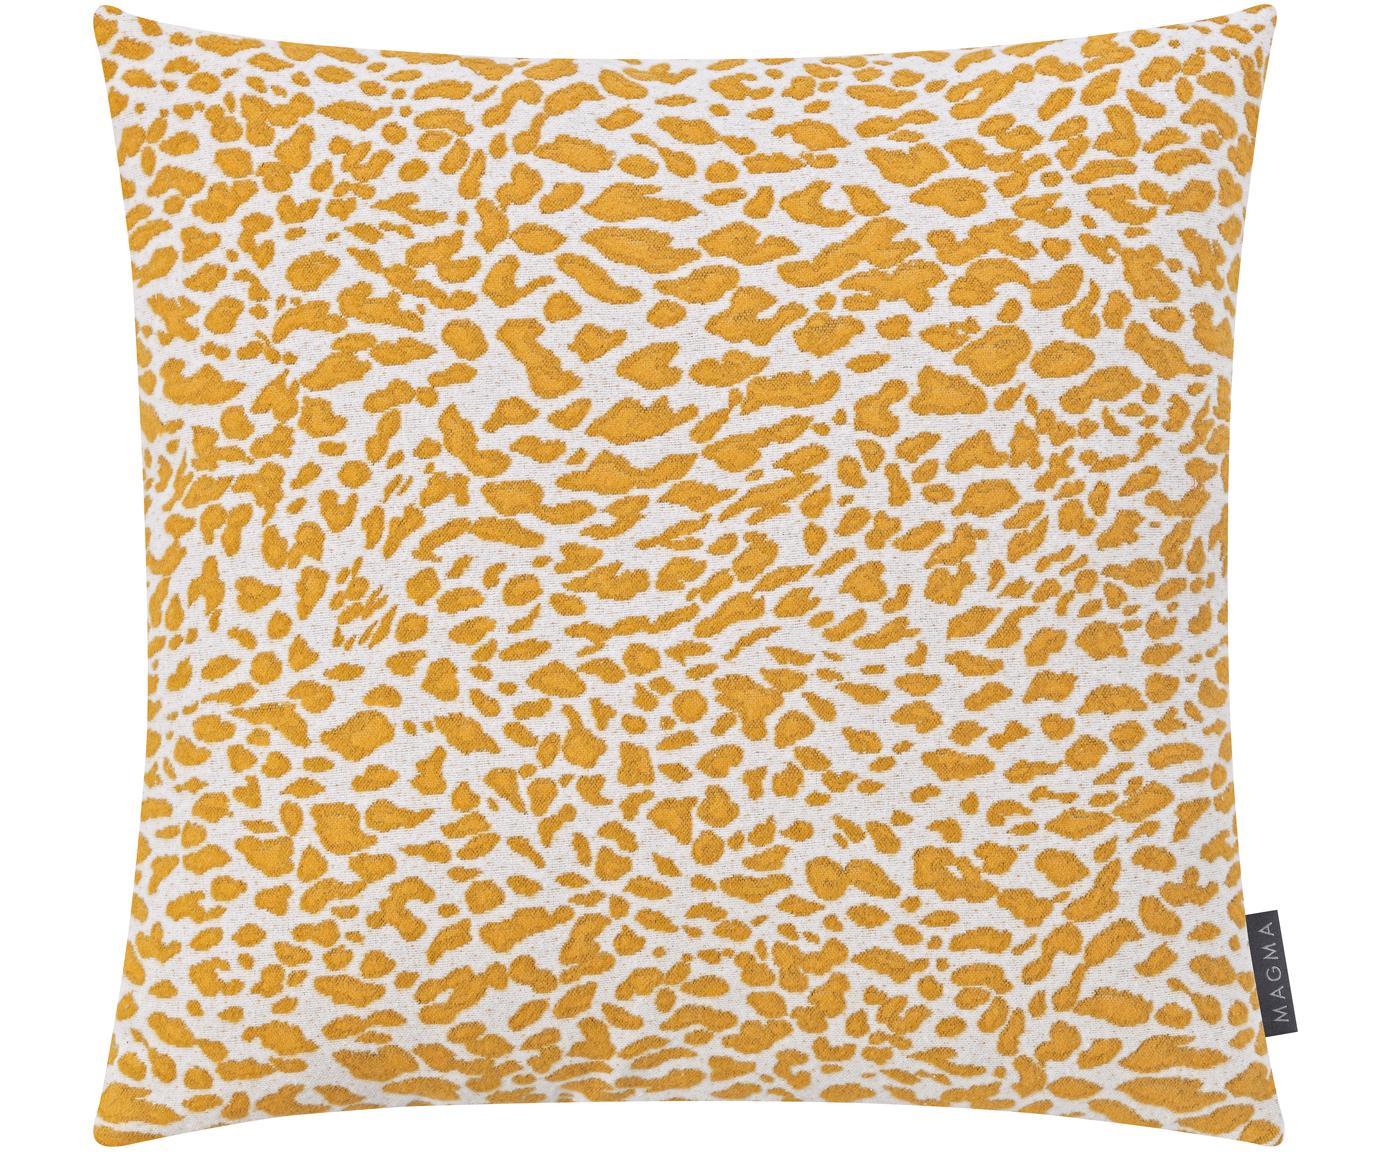 Kissenhülle Leopardo mit gelb/weissem Muster, Vorderseite: 59%Baumwolle, 41%Polyes, Webart: Jacquard, Senfgelb, Weiss, 50 x 50 cm